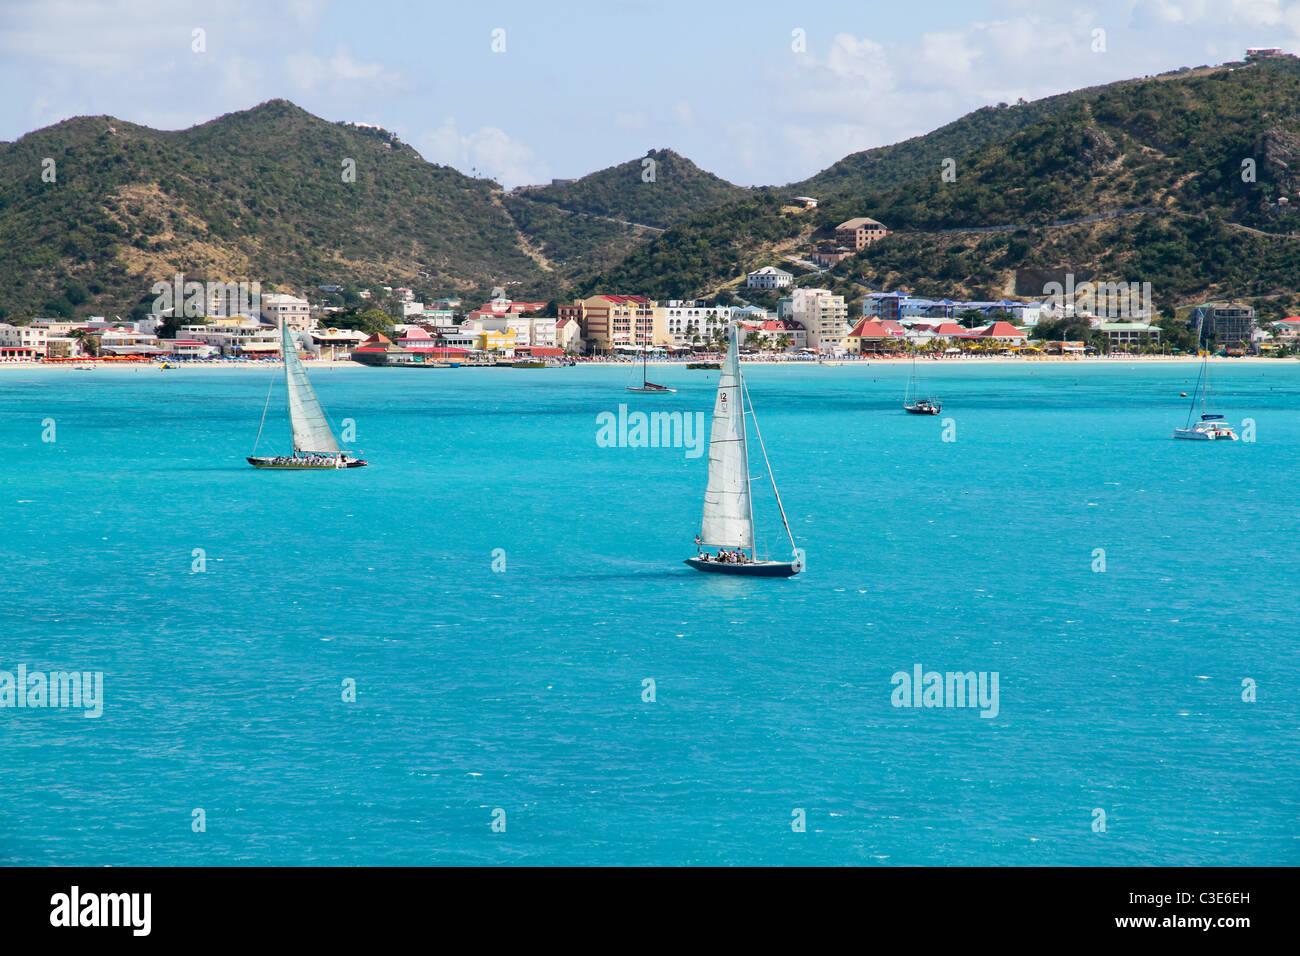 12 Meter Sailboats at Great Bay - Stock Image